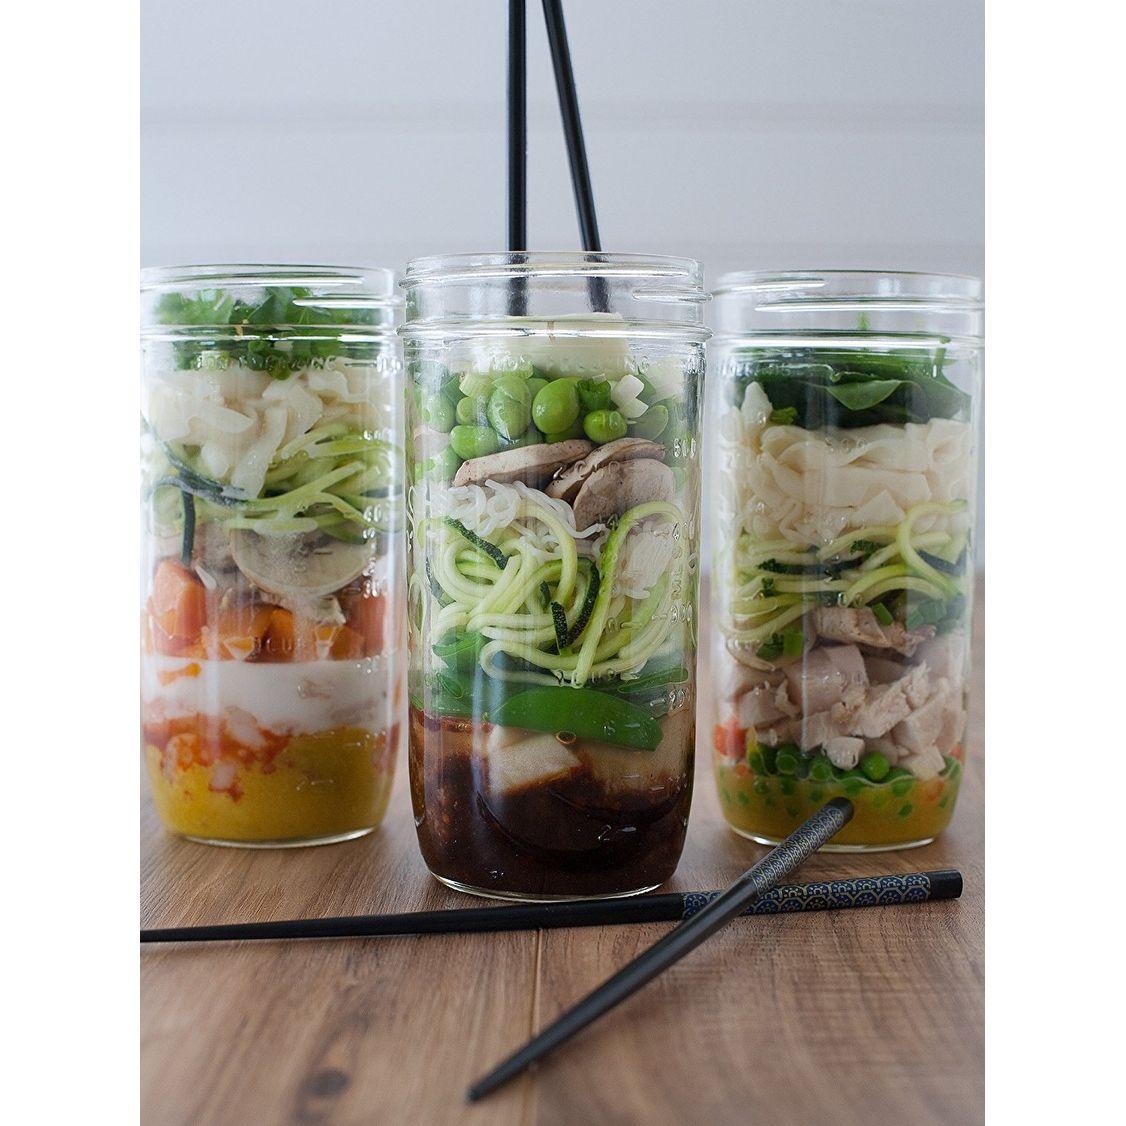 Paderno world cuisine 3 blade spiralizer world cuisine - Paderno world cuisine spiral vegetable slicer ...